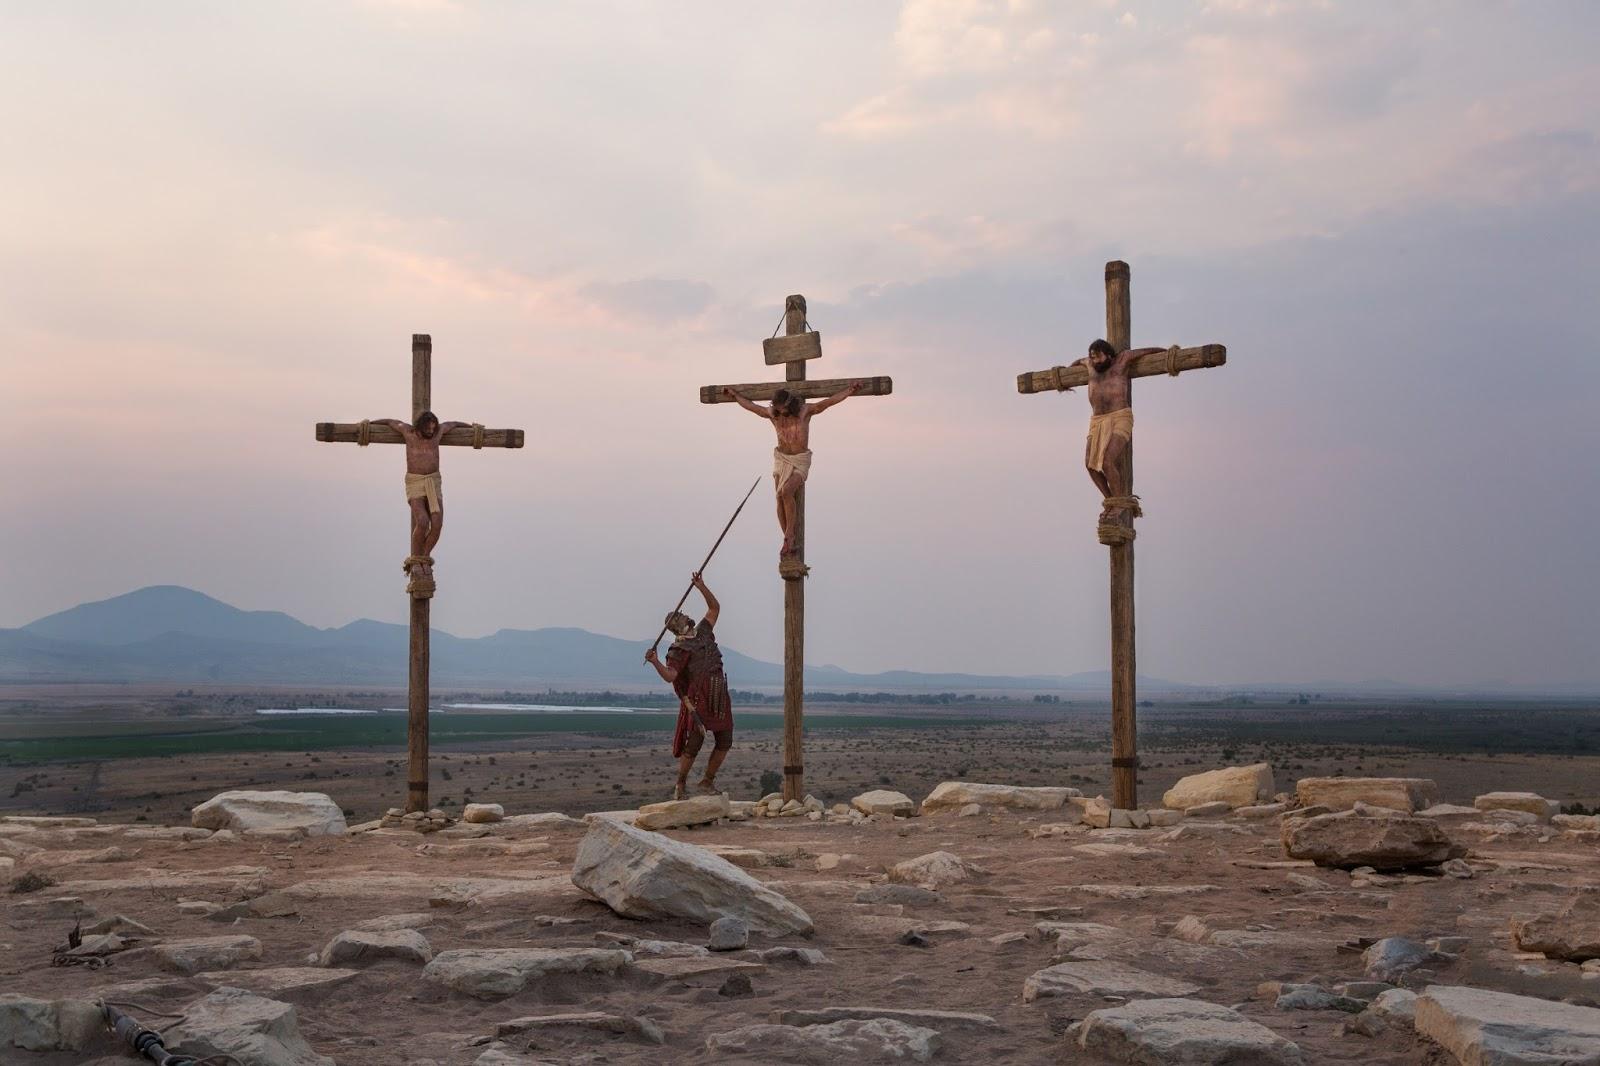 Cenas do filme A Paixão de Cristo